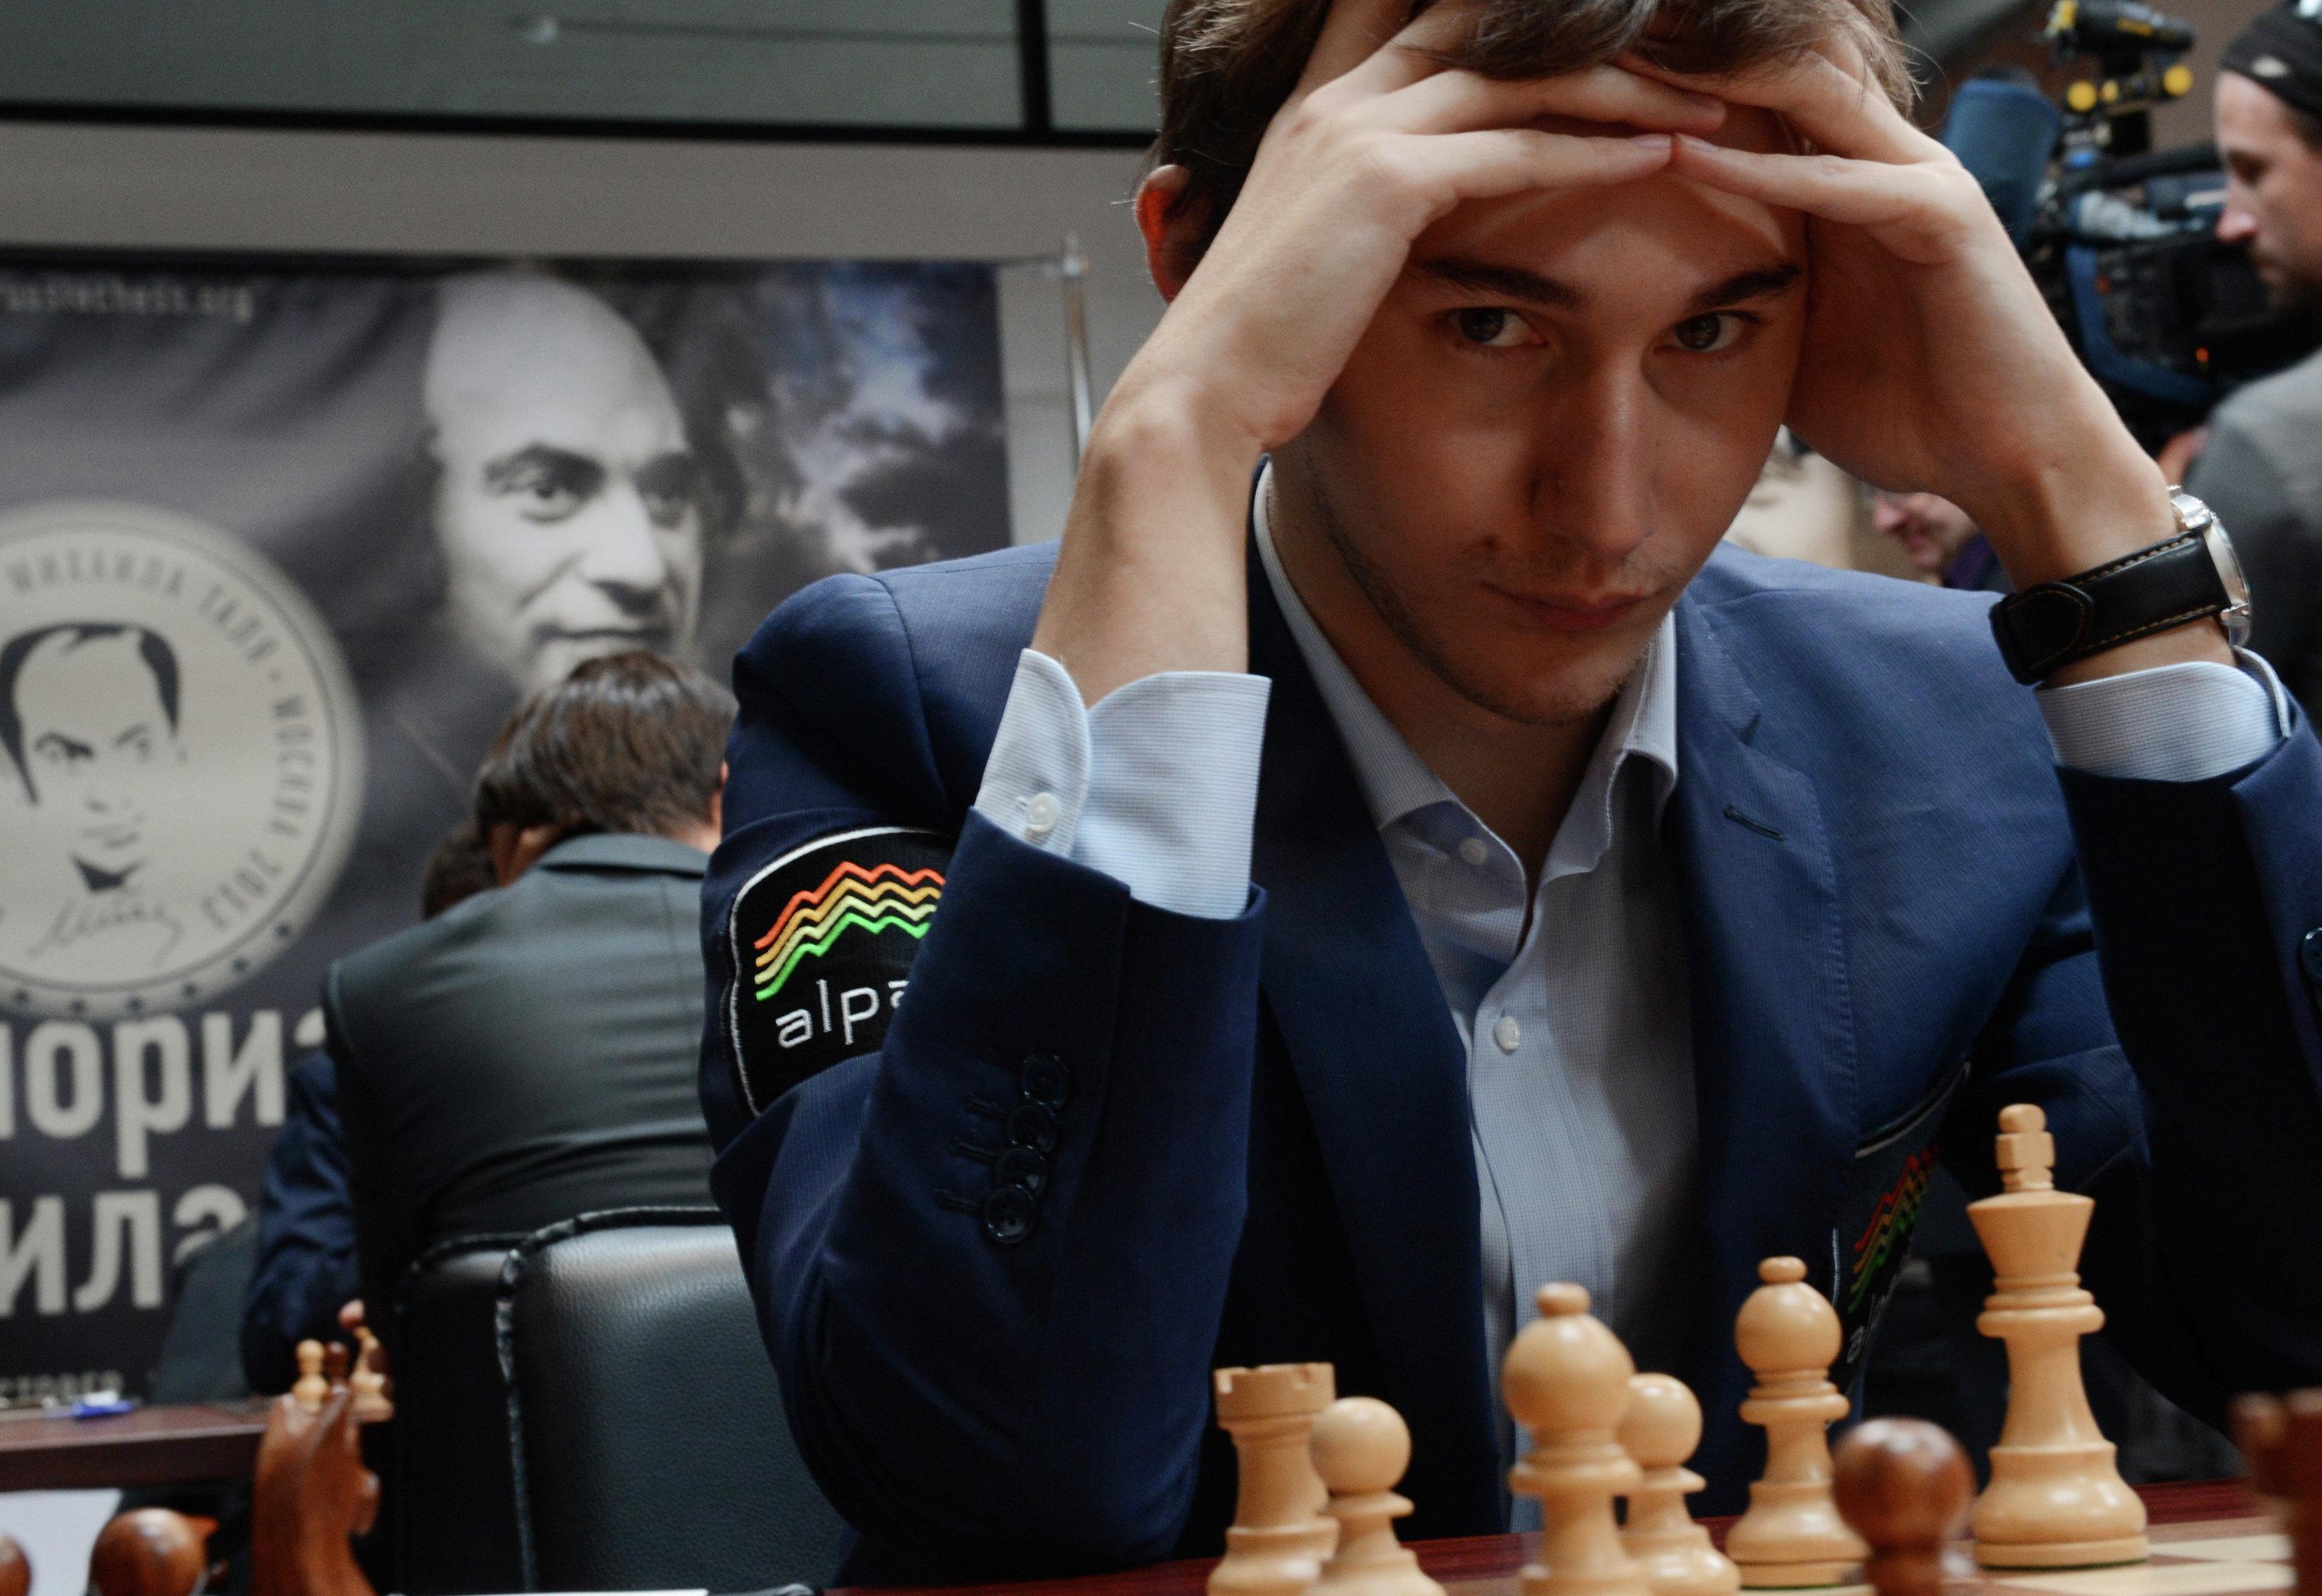 Новая звезда российских шахмат — большой поклонник Путина